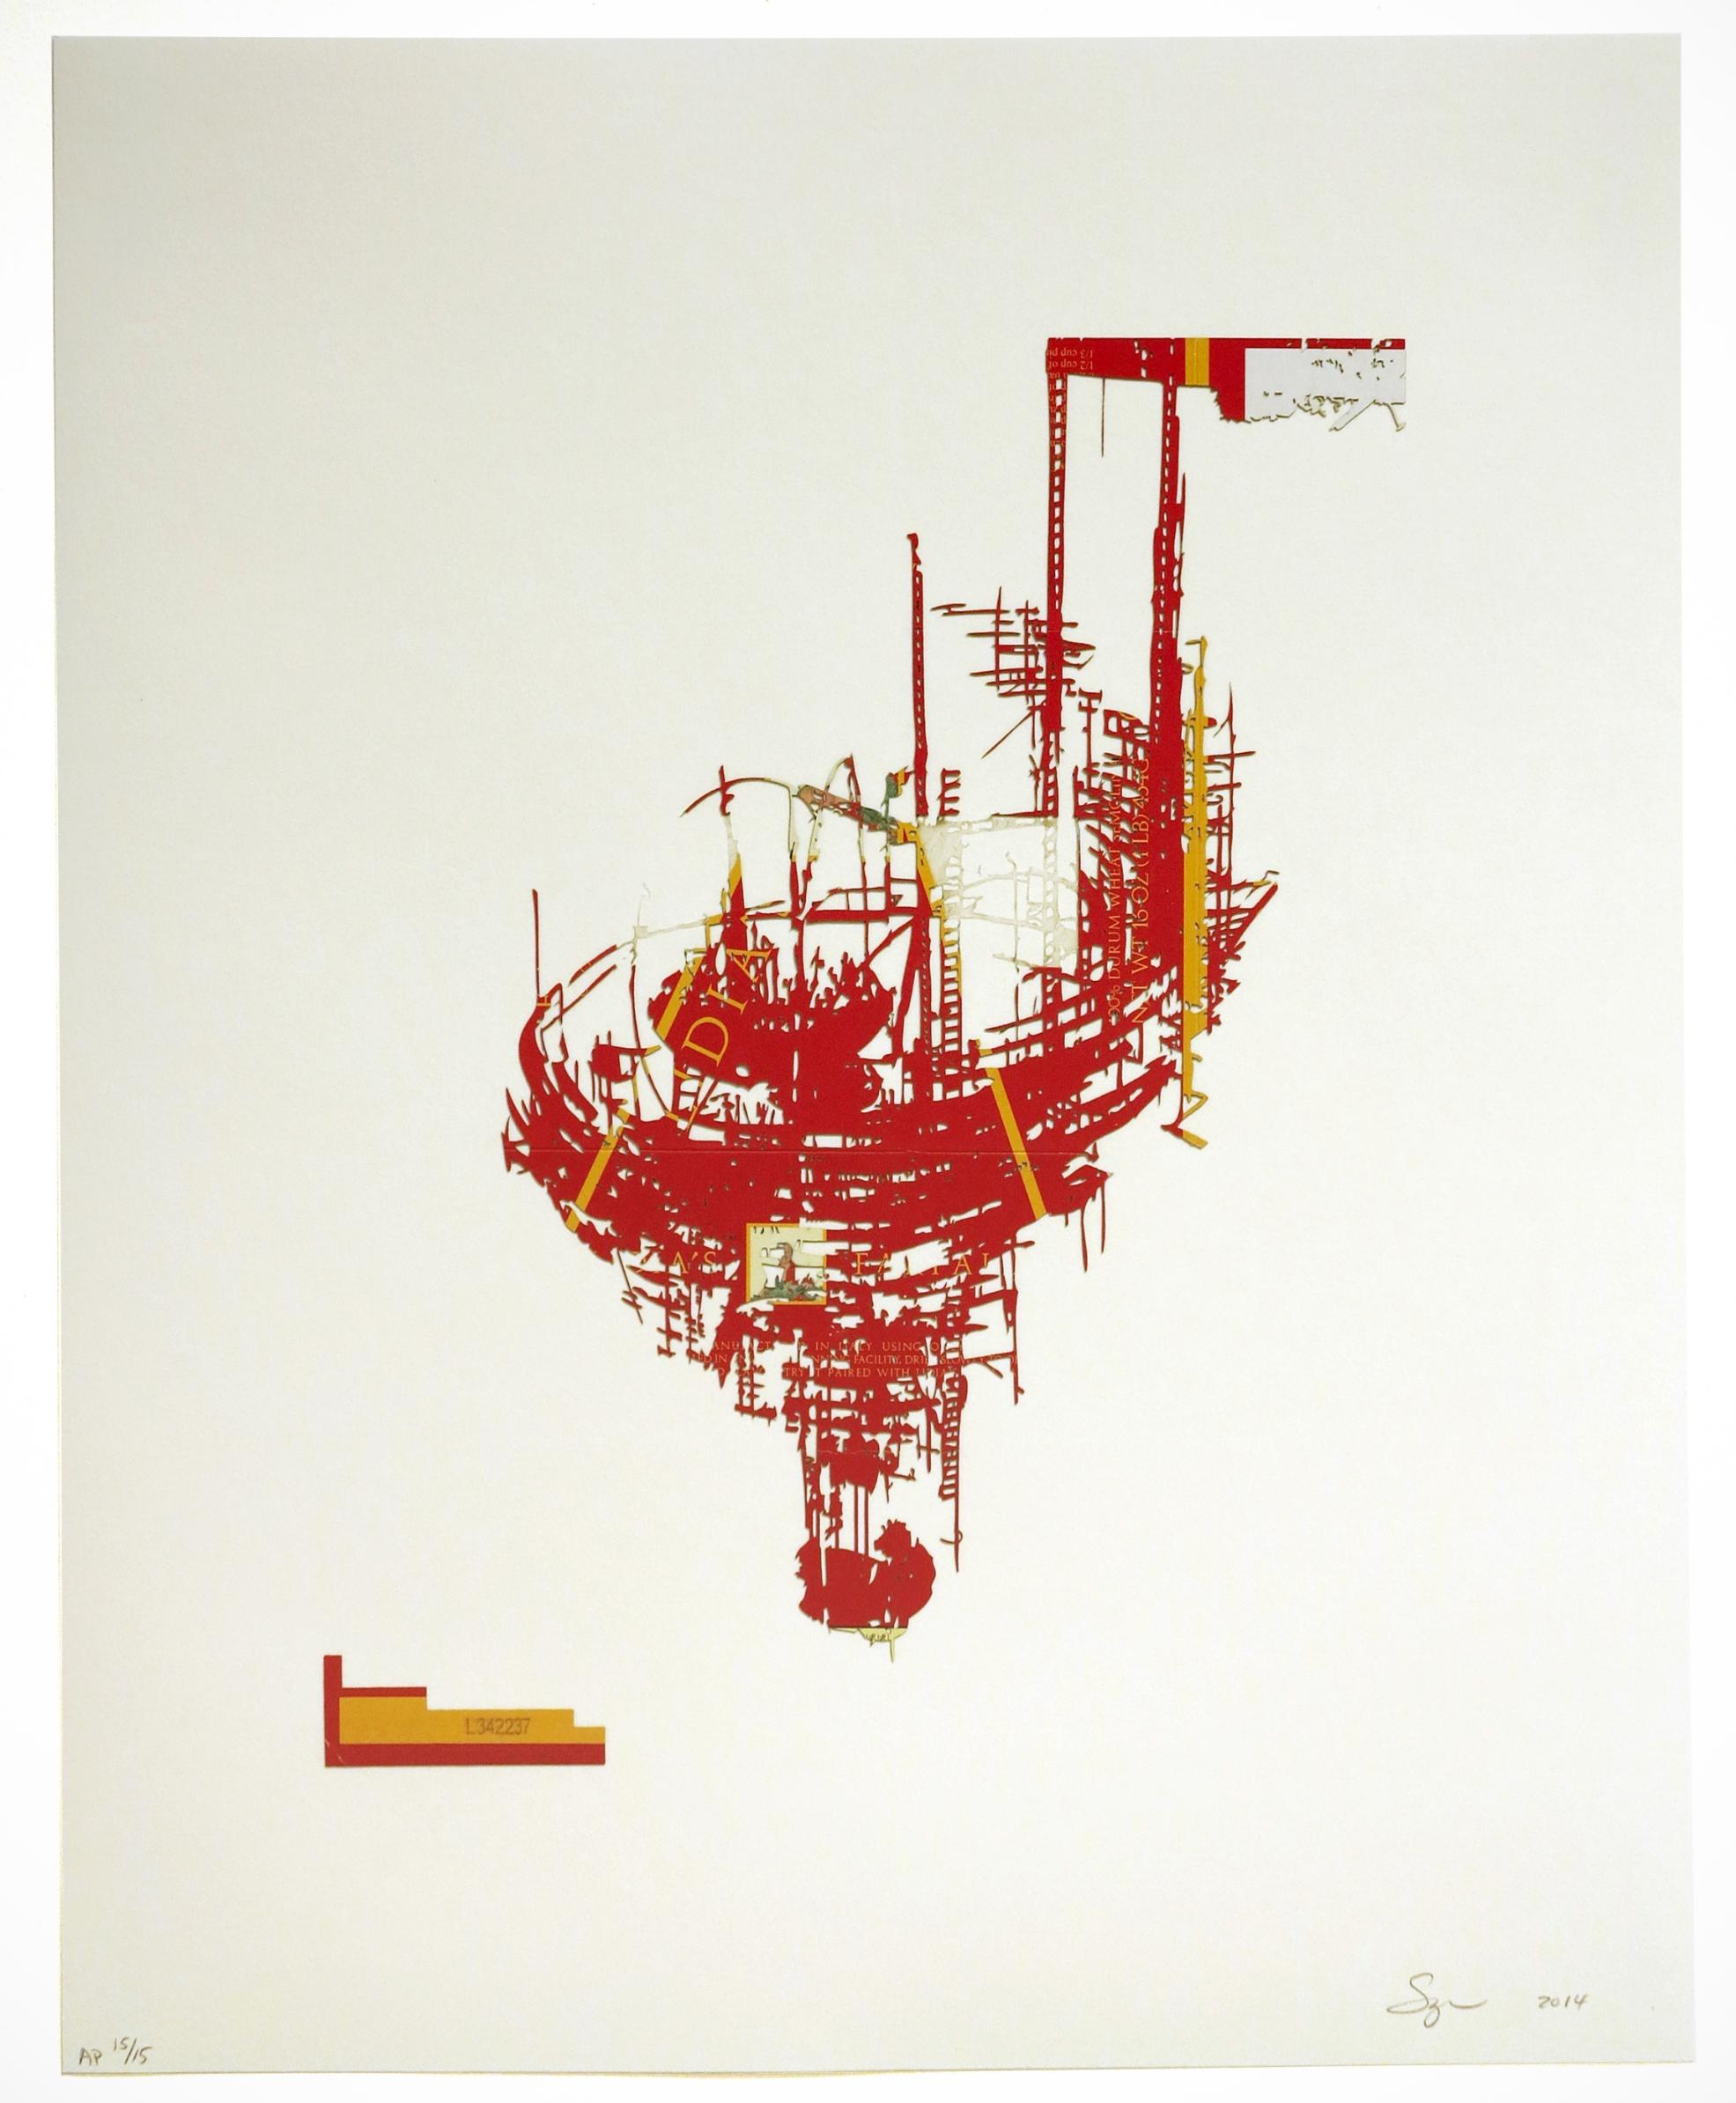 Red Giardini, 2014